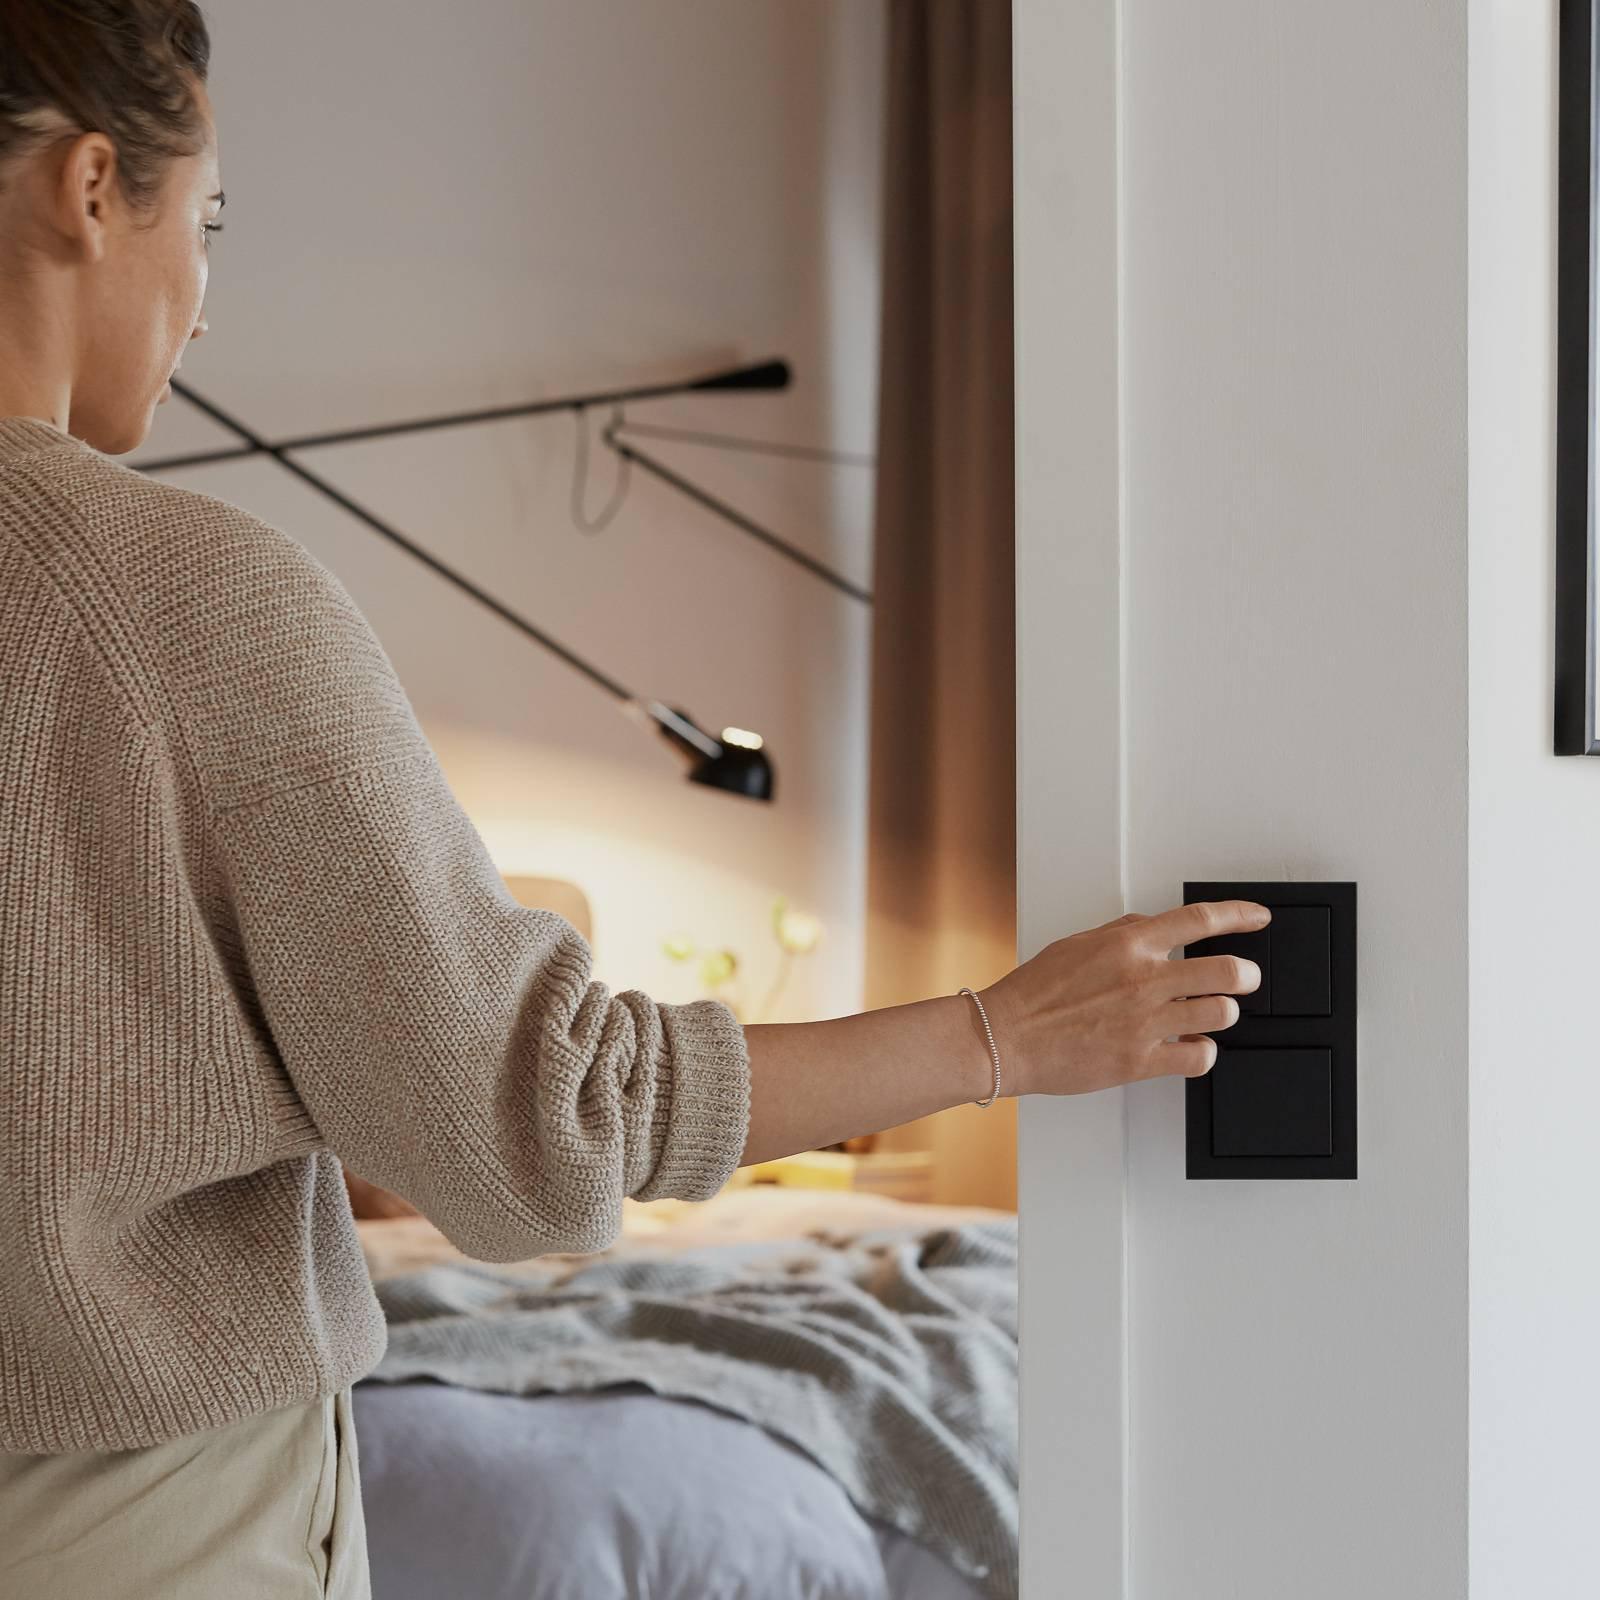 Senic Smart Switch for Philips Hue, 3er, antrasitt